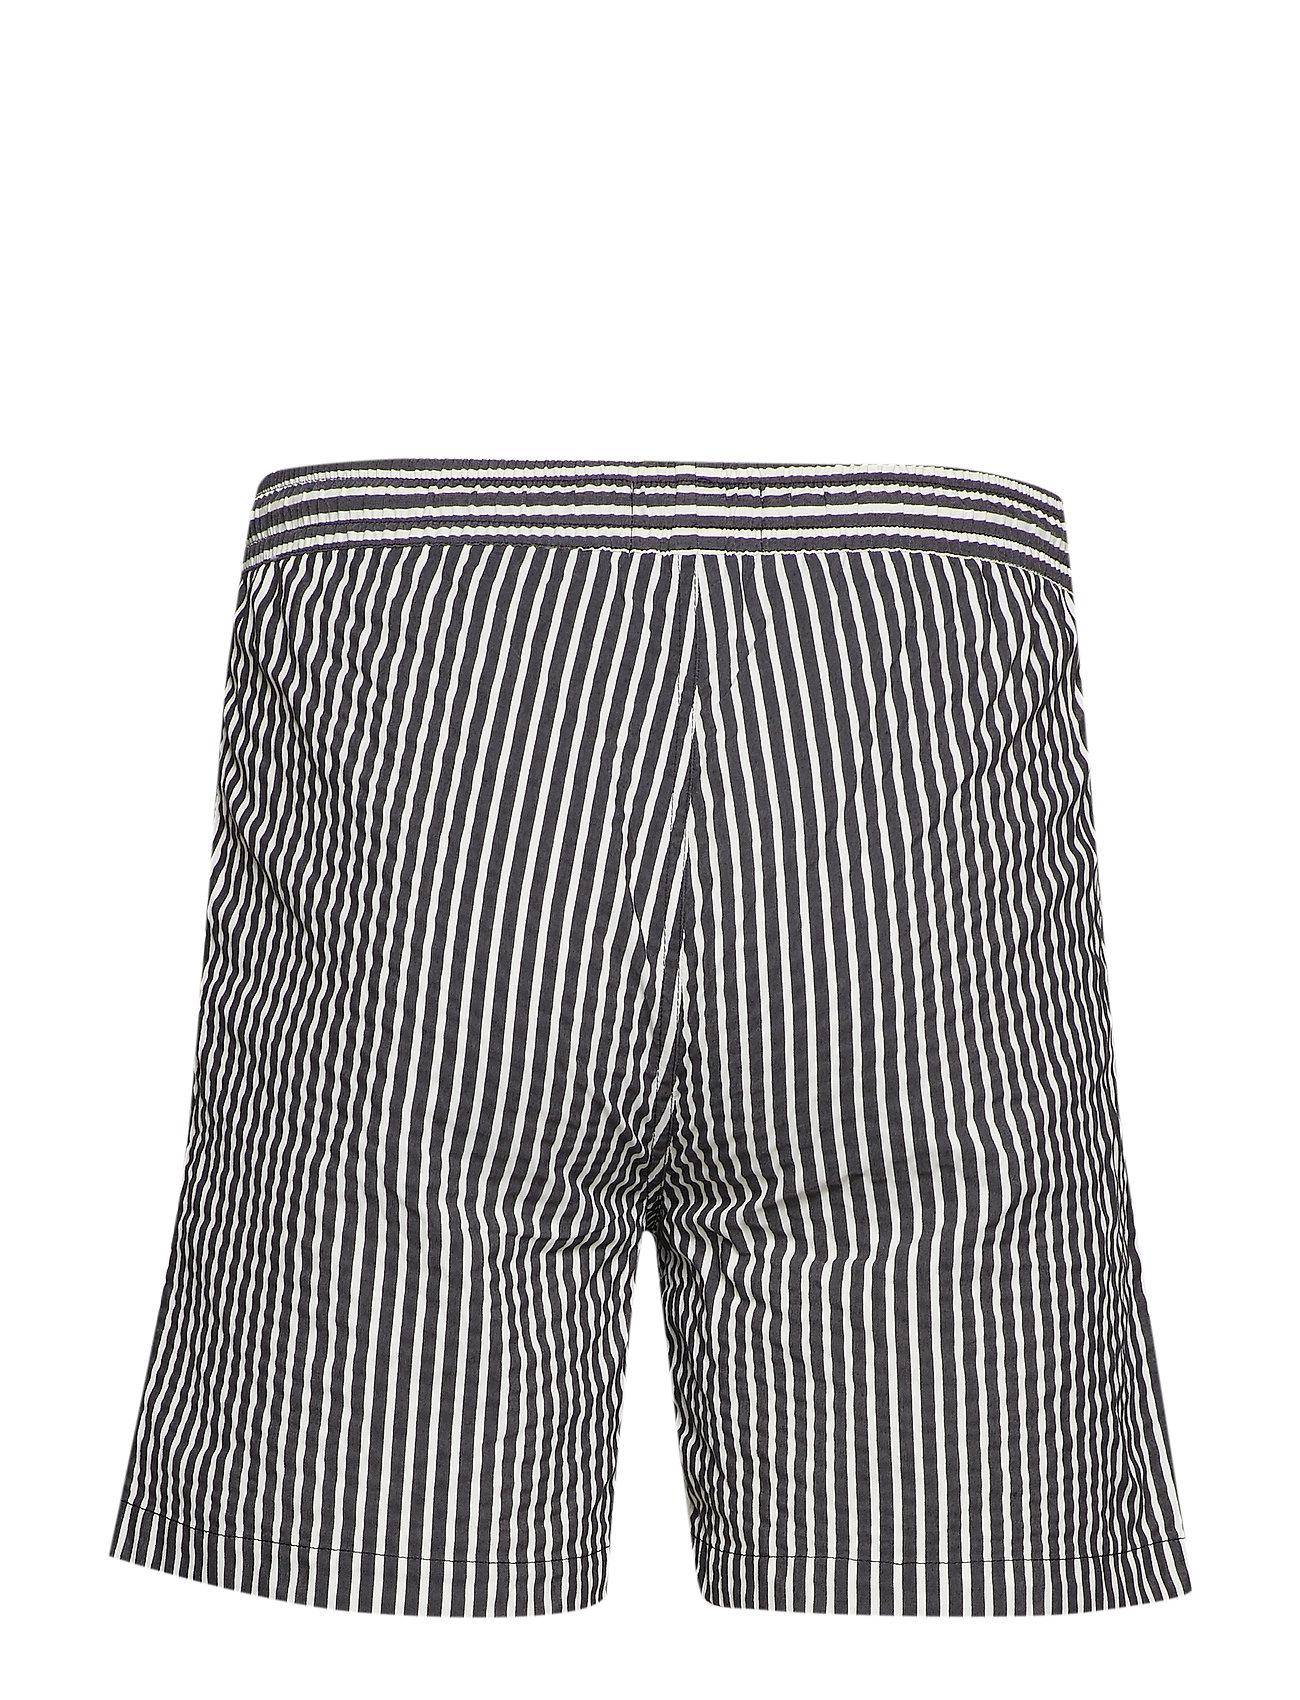 Ocean Swim StripedForét ShortsBlack whiteblack white dChQrxst